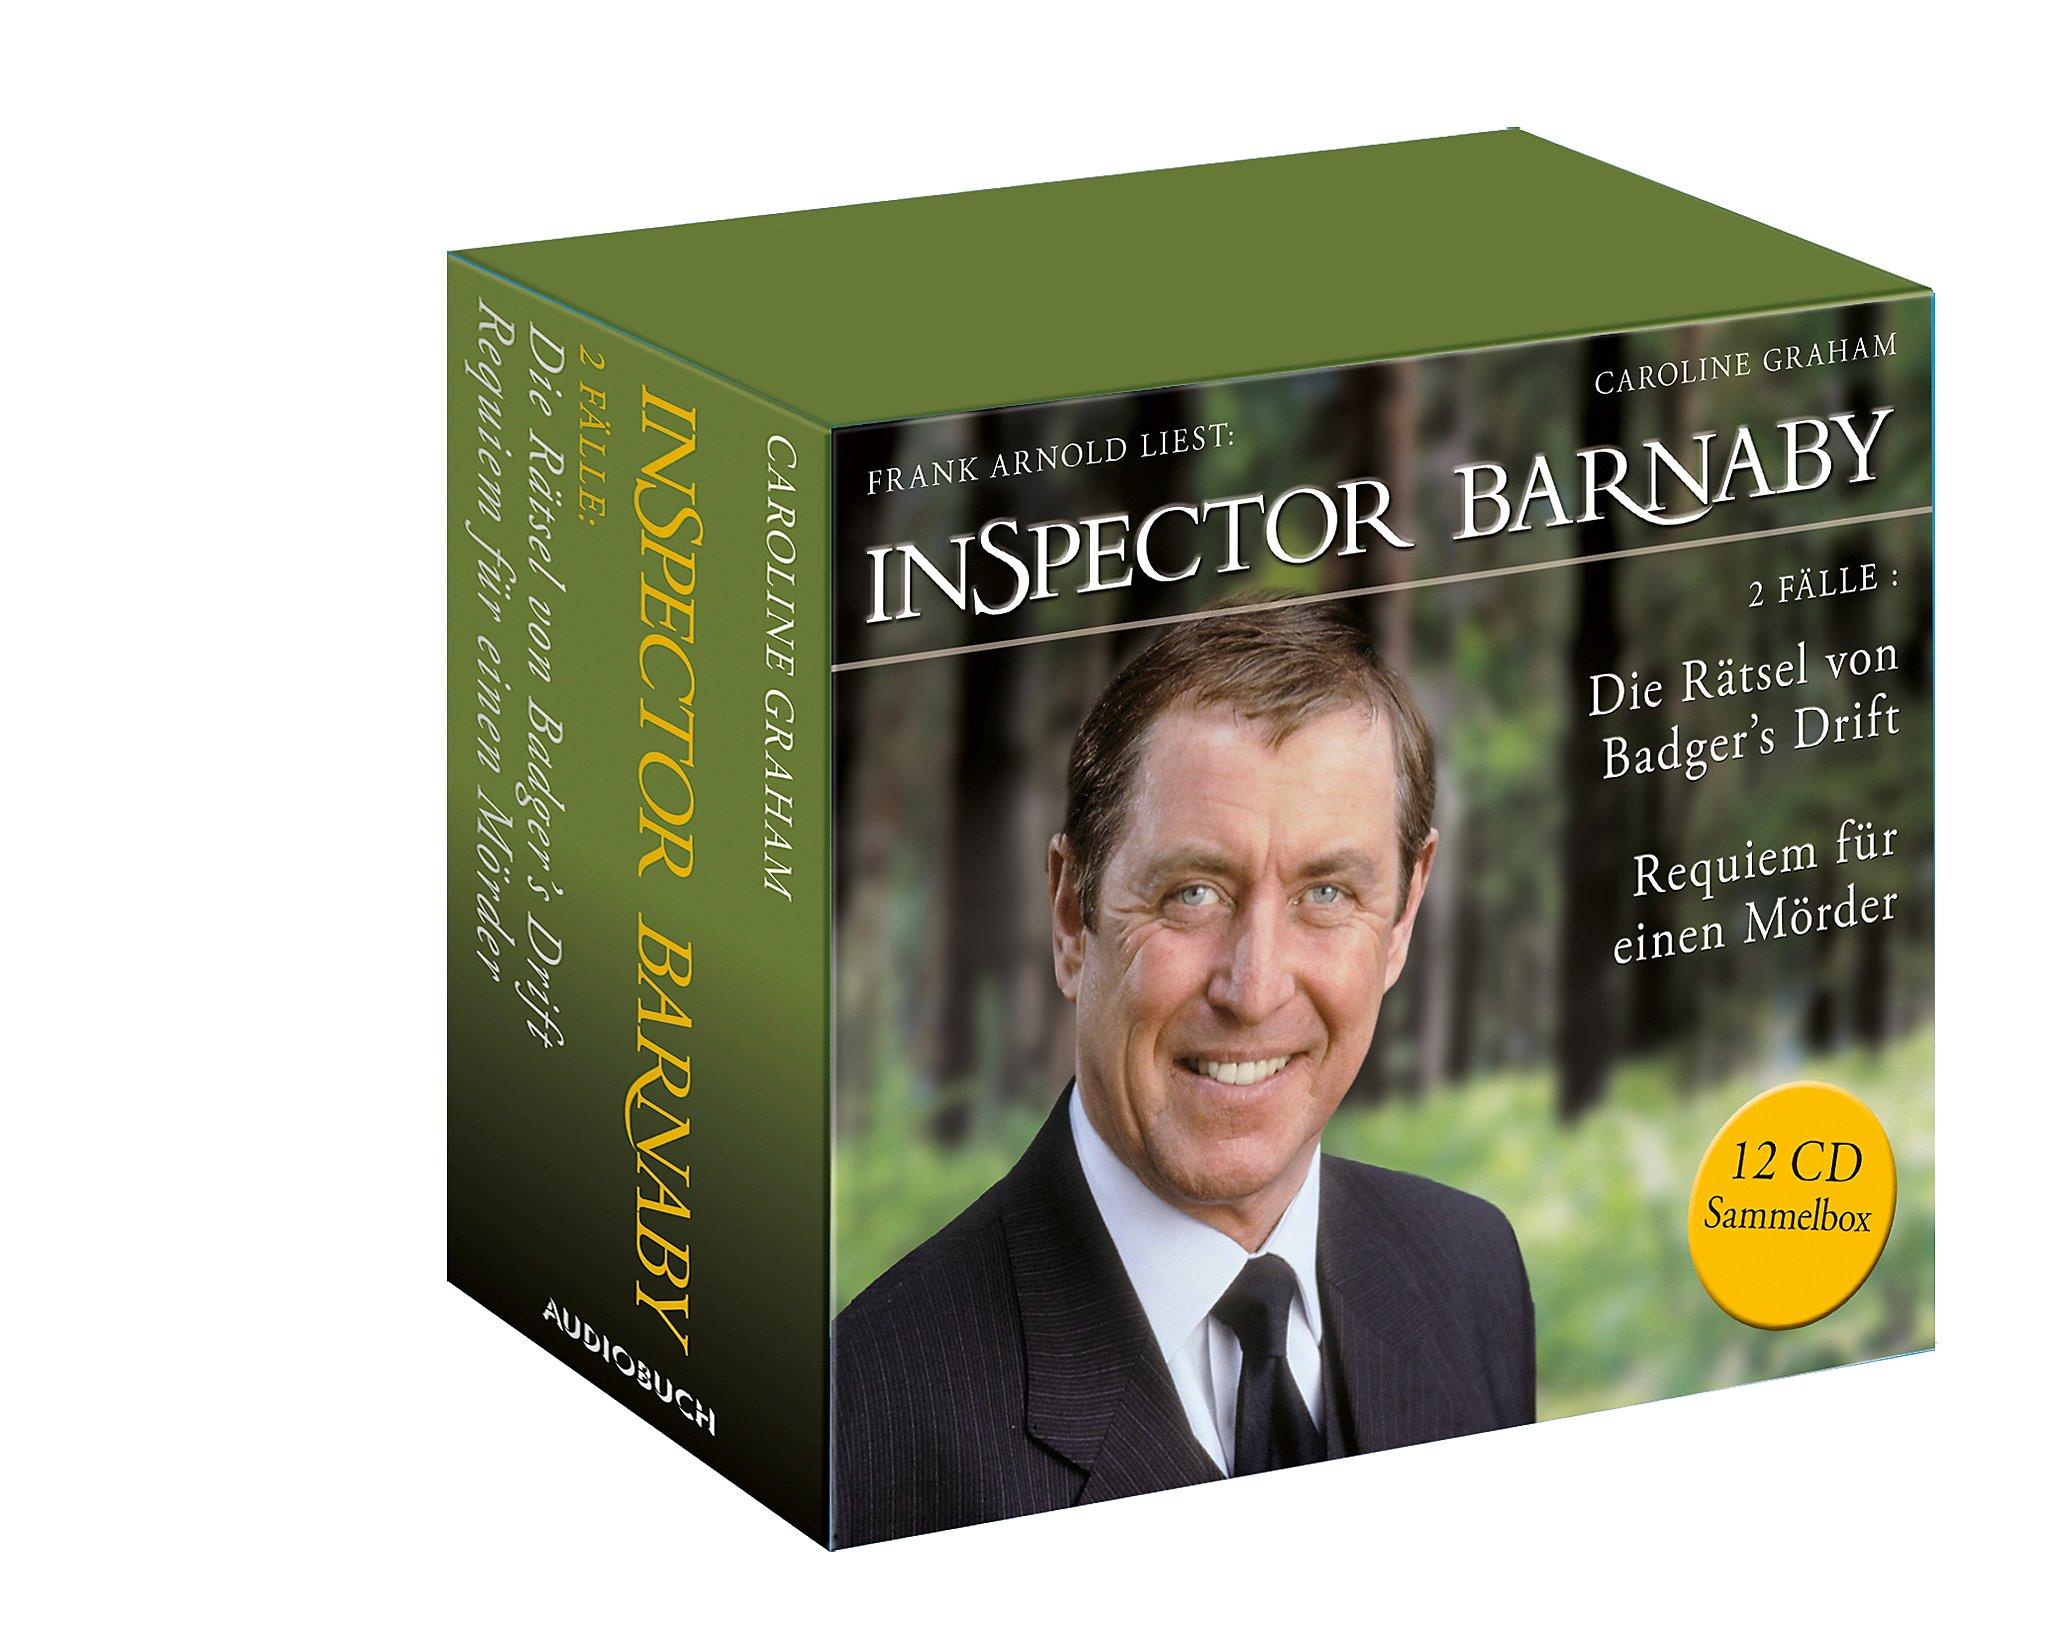 Inspector Barnaby Requiem Für Einen Mörder